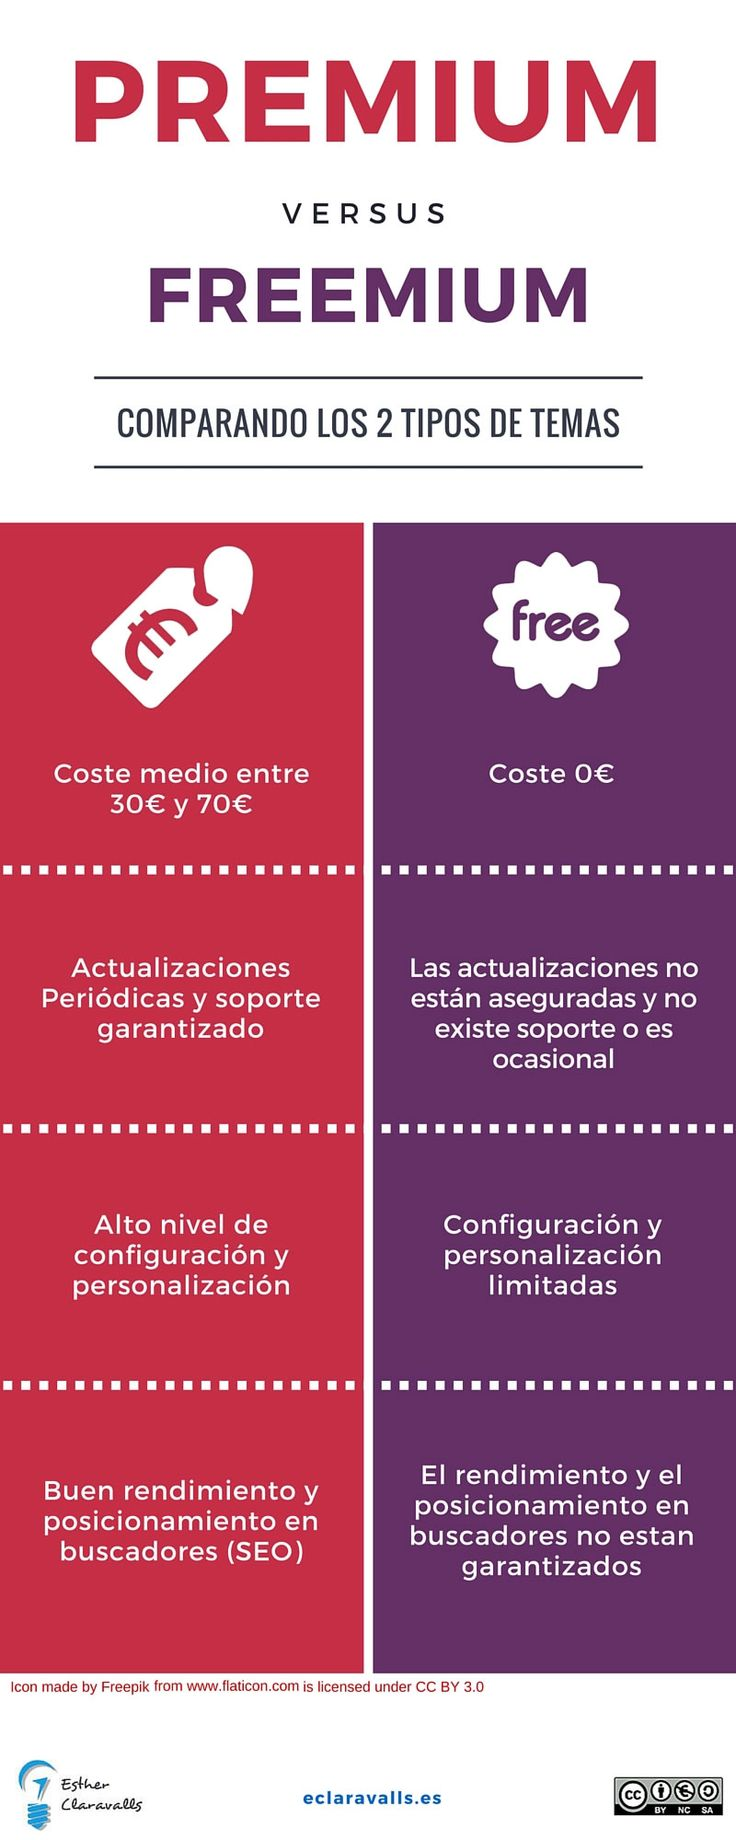 Tema-WordPress.-Premium-vs-Freemium.jpg (800×2000)